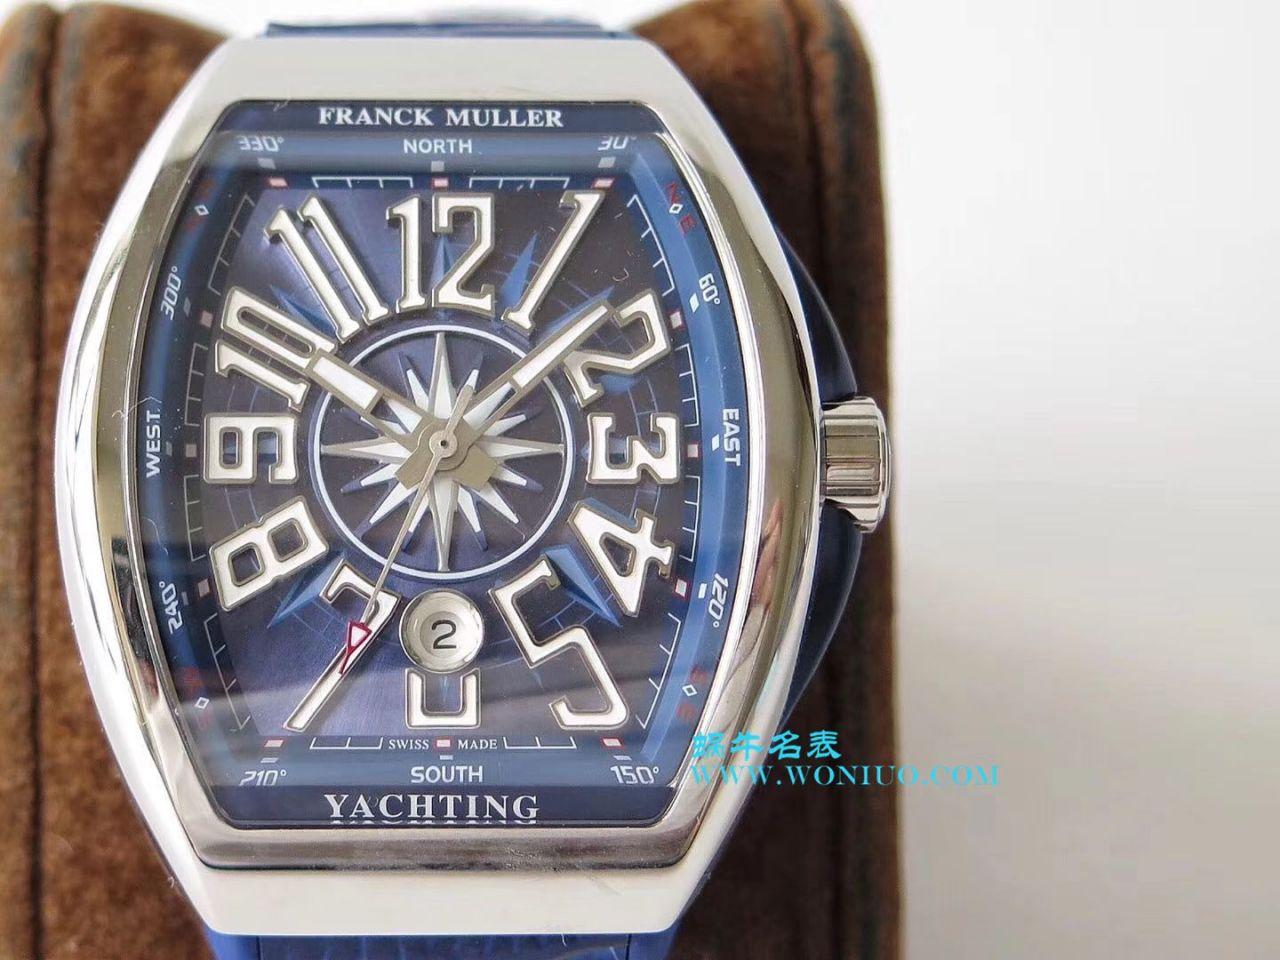 法兰克穆勒MEN'S COLLECTION系列V 45 SC DT YACHTING腕表